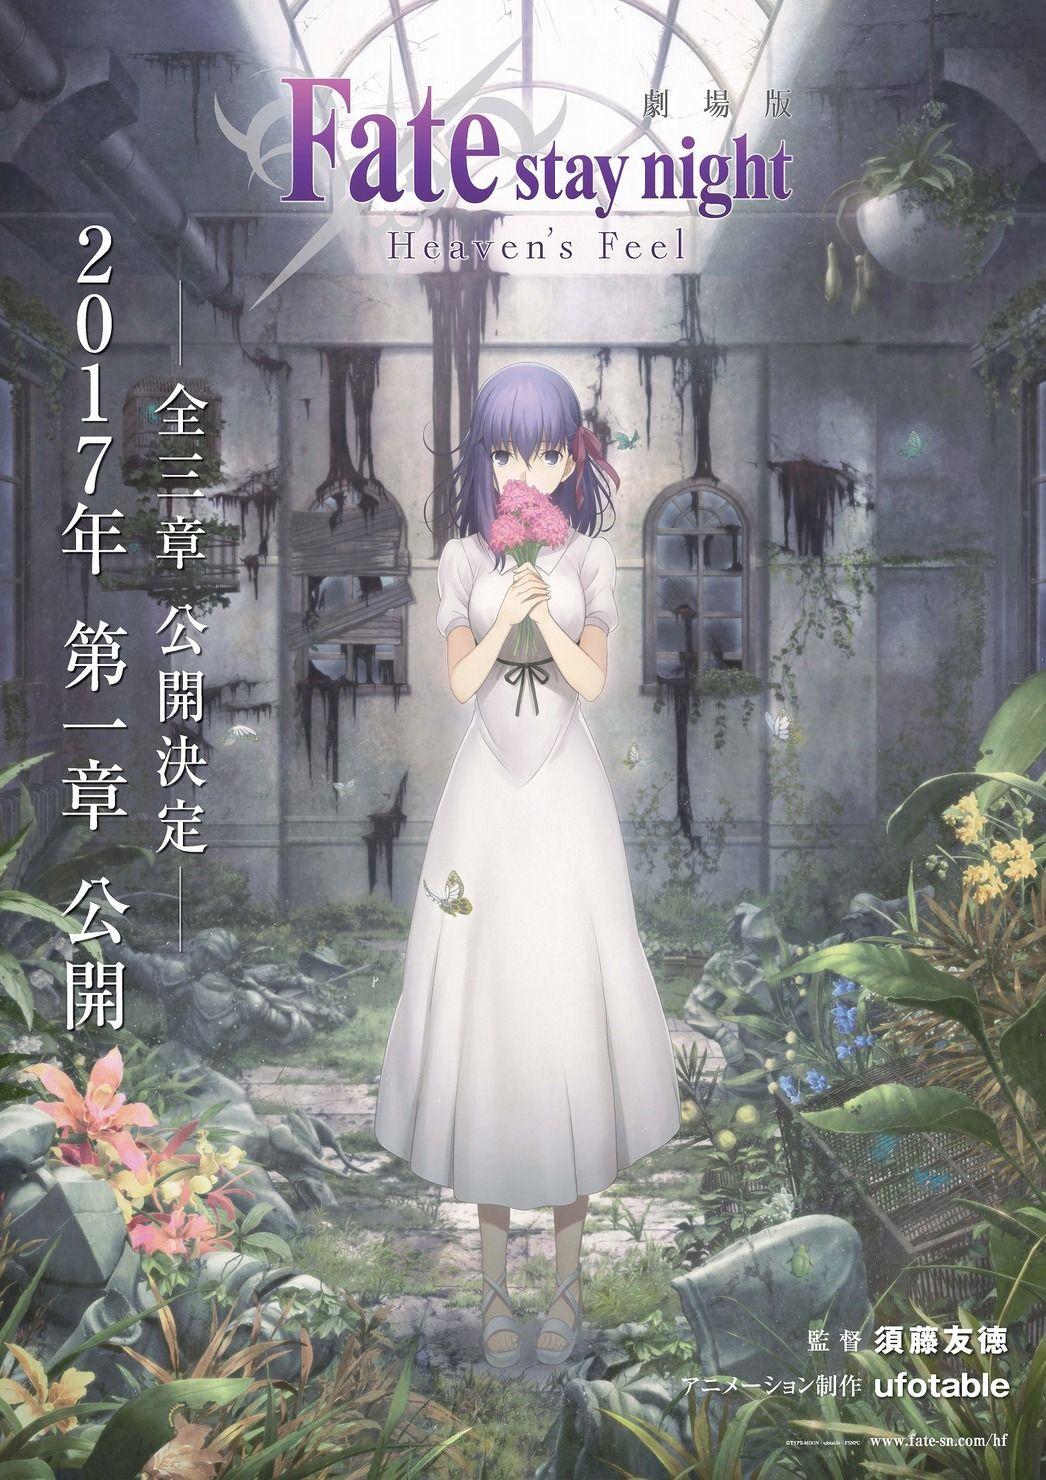 人気ゲーム Fate Stay Night のシナリオの一つで ヒロインの一人